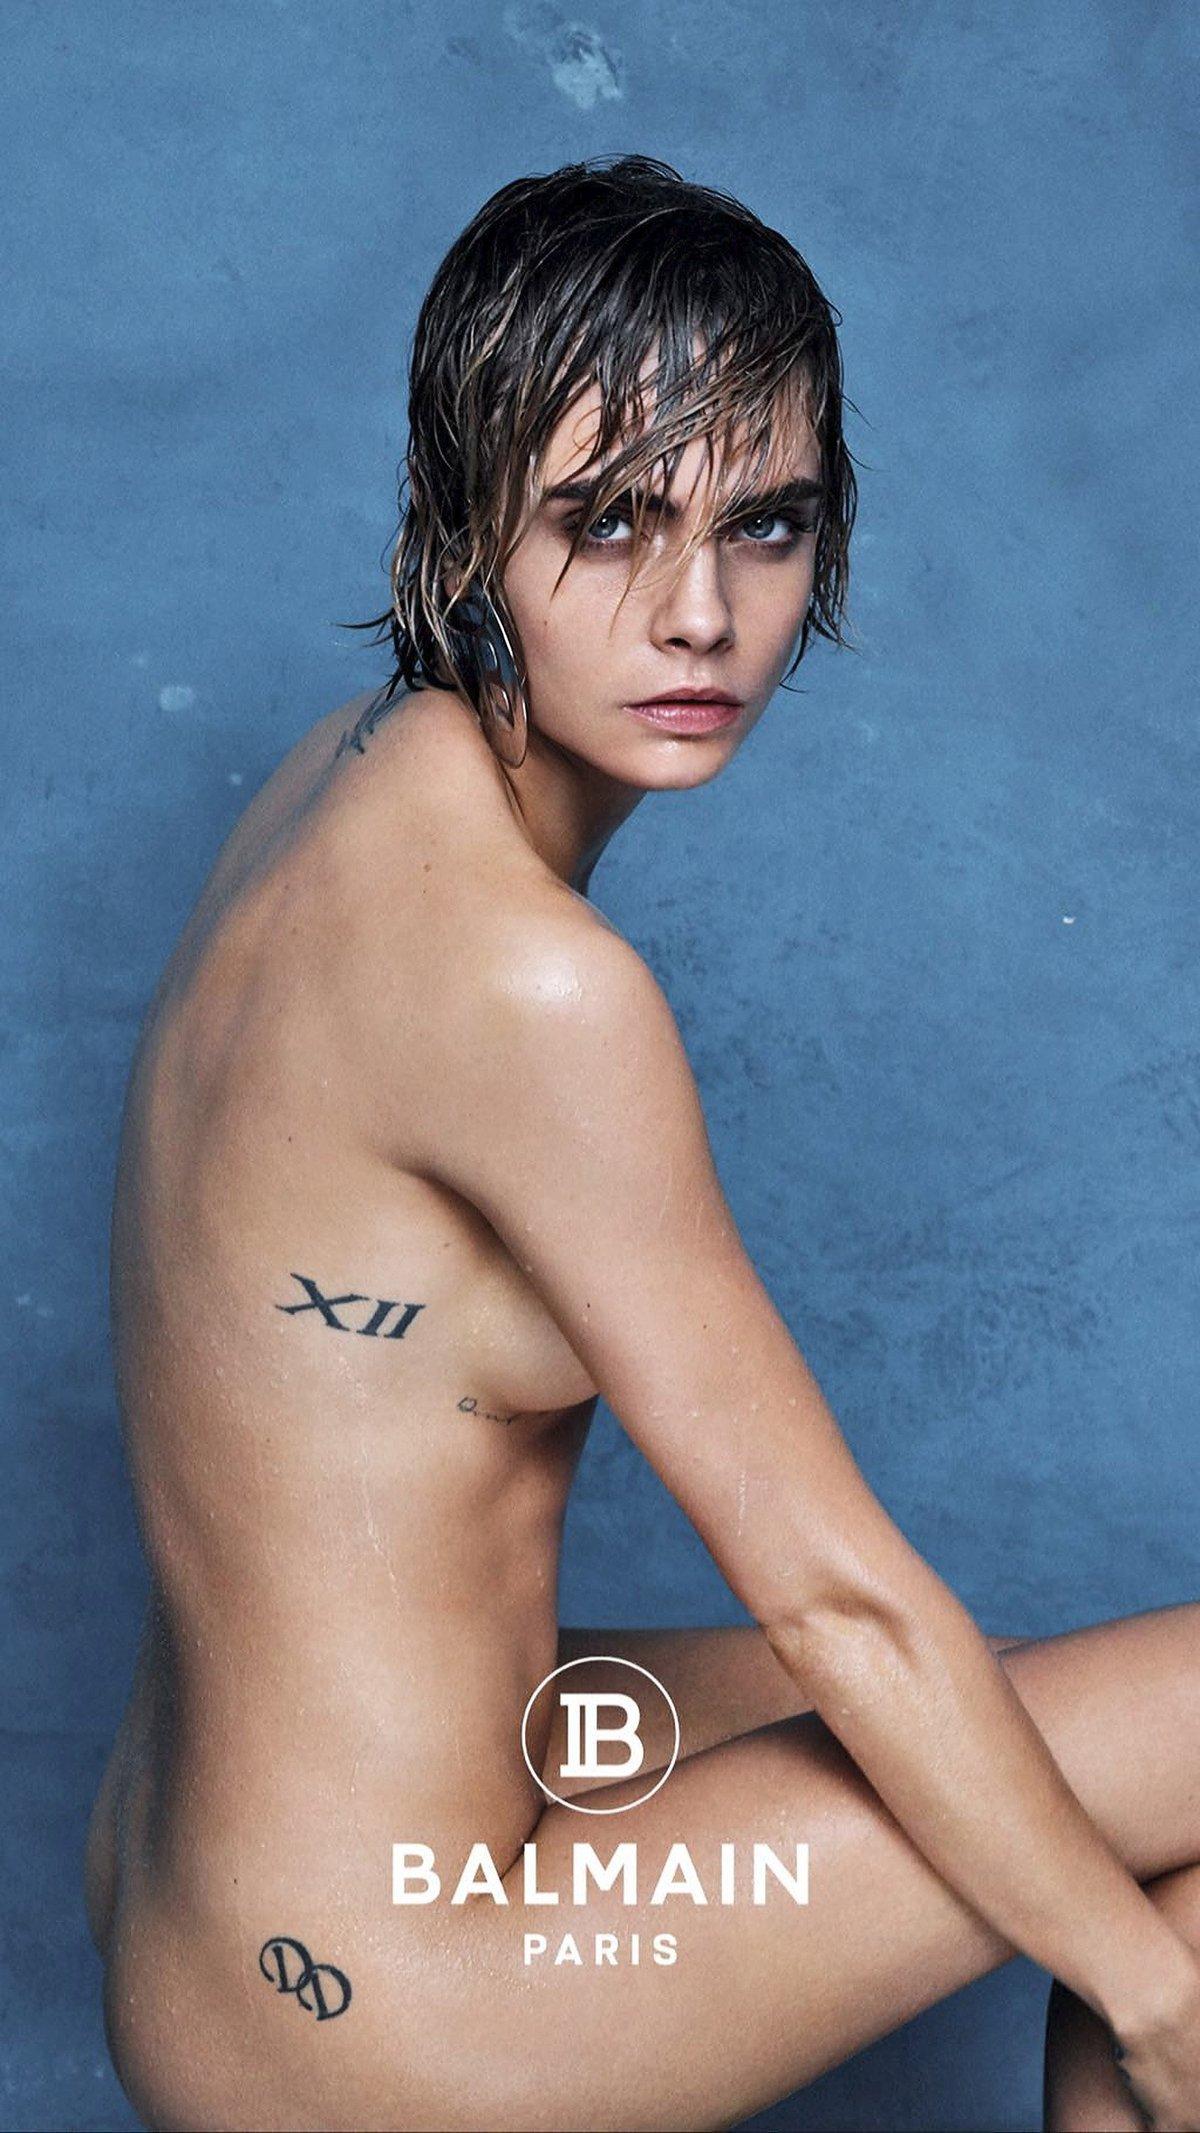 Cara se nebojí ani nahých reklam, tady z plakátu značky Balmain.